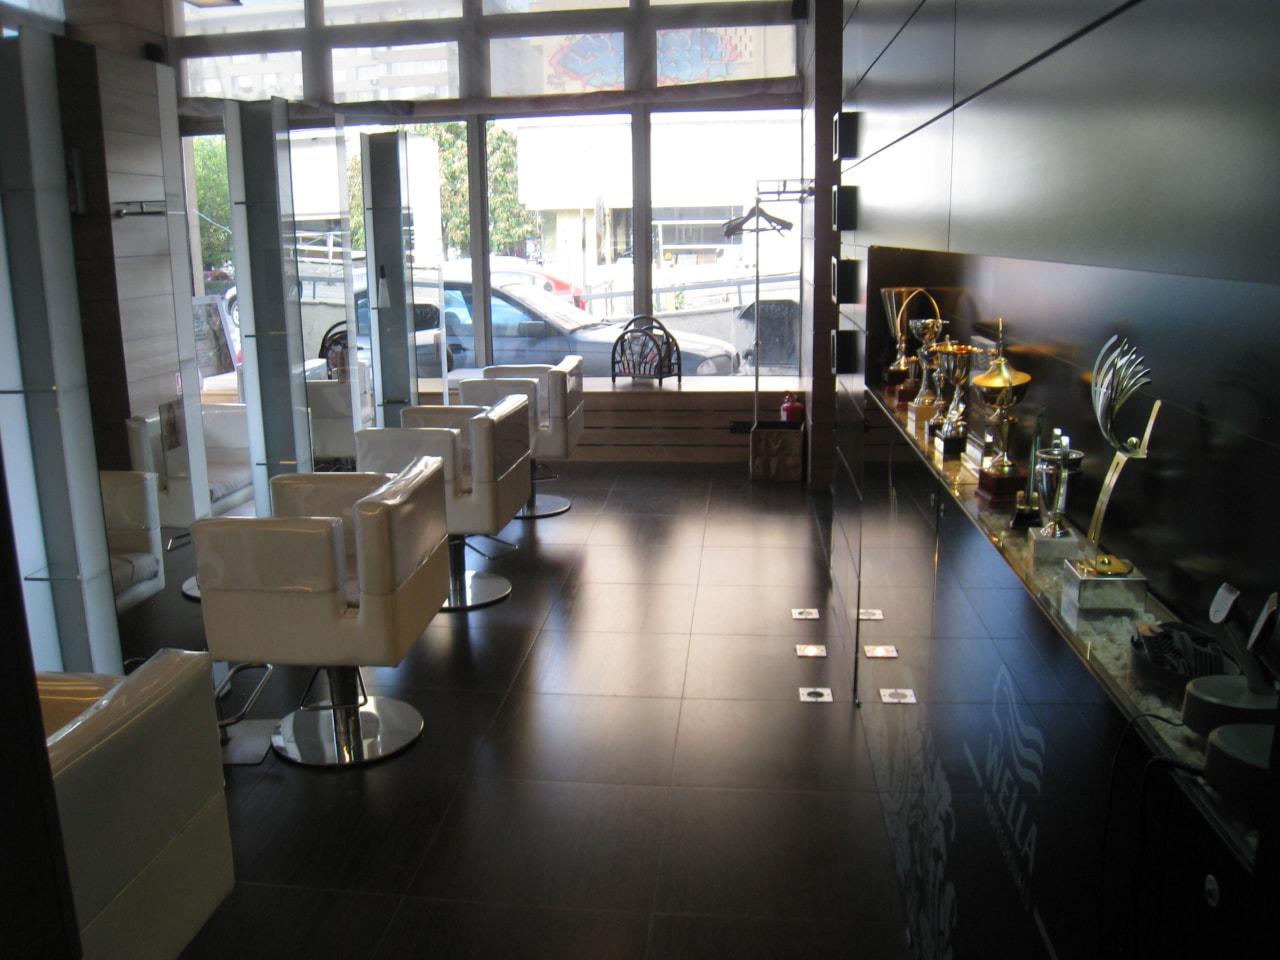 Salon Blondi interior10-min